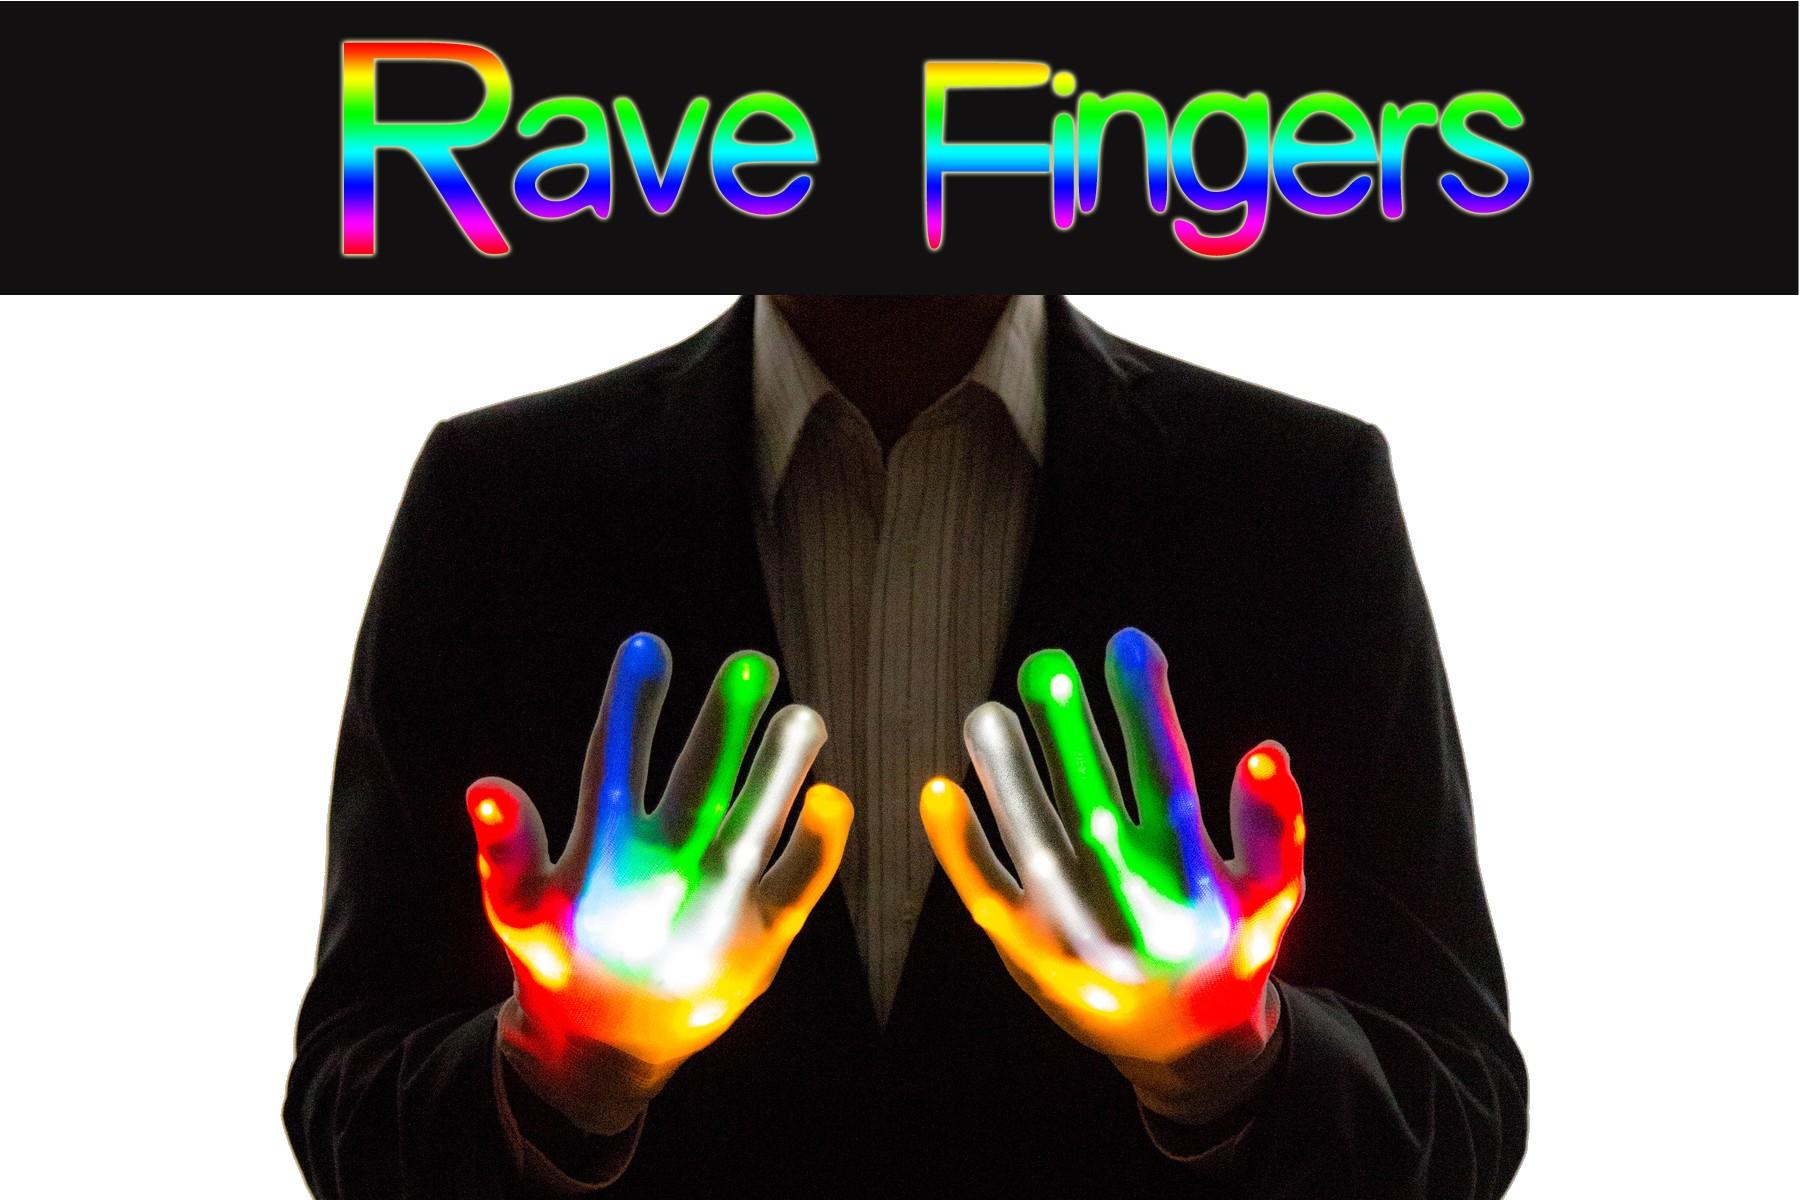 Light Up Gloves aka Rave Fingers